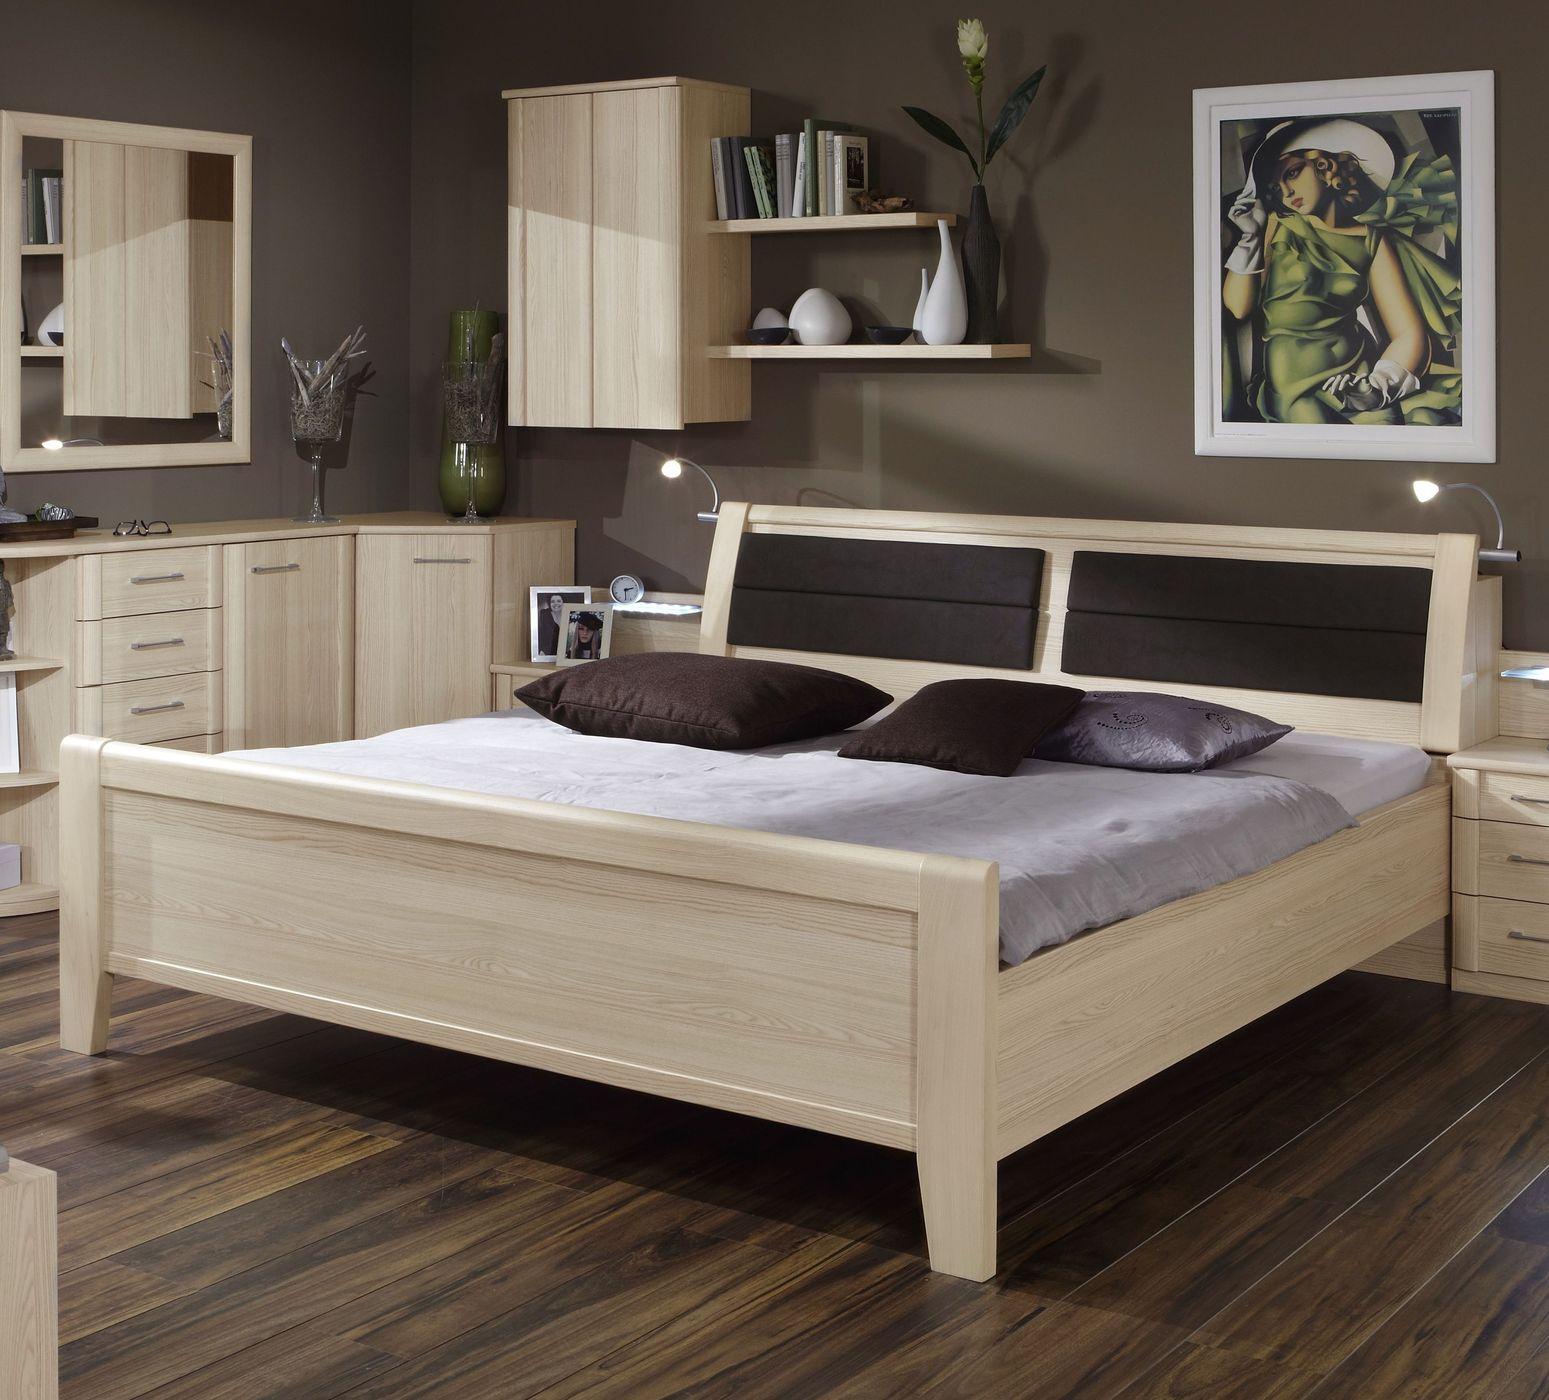 Doppelbett Mit Hohem Einstieg In Edel Esche Dekor Rapino